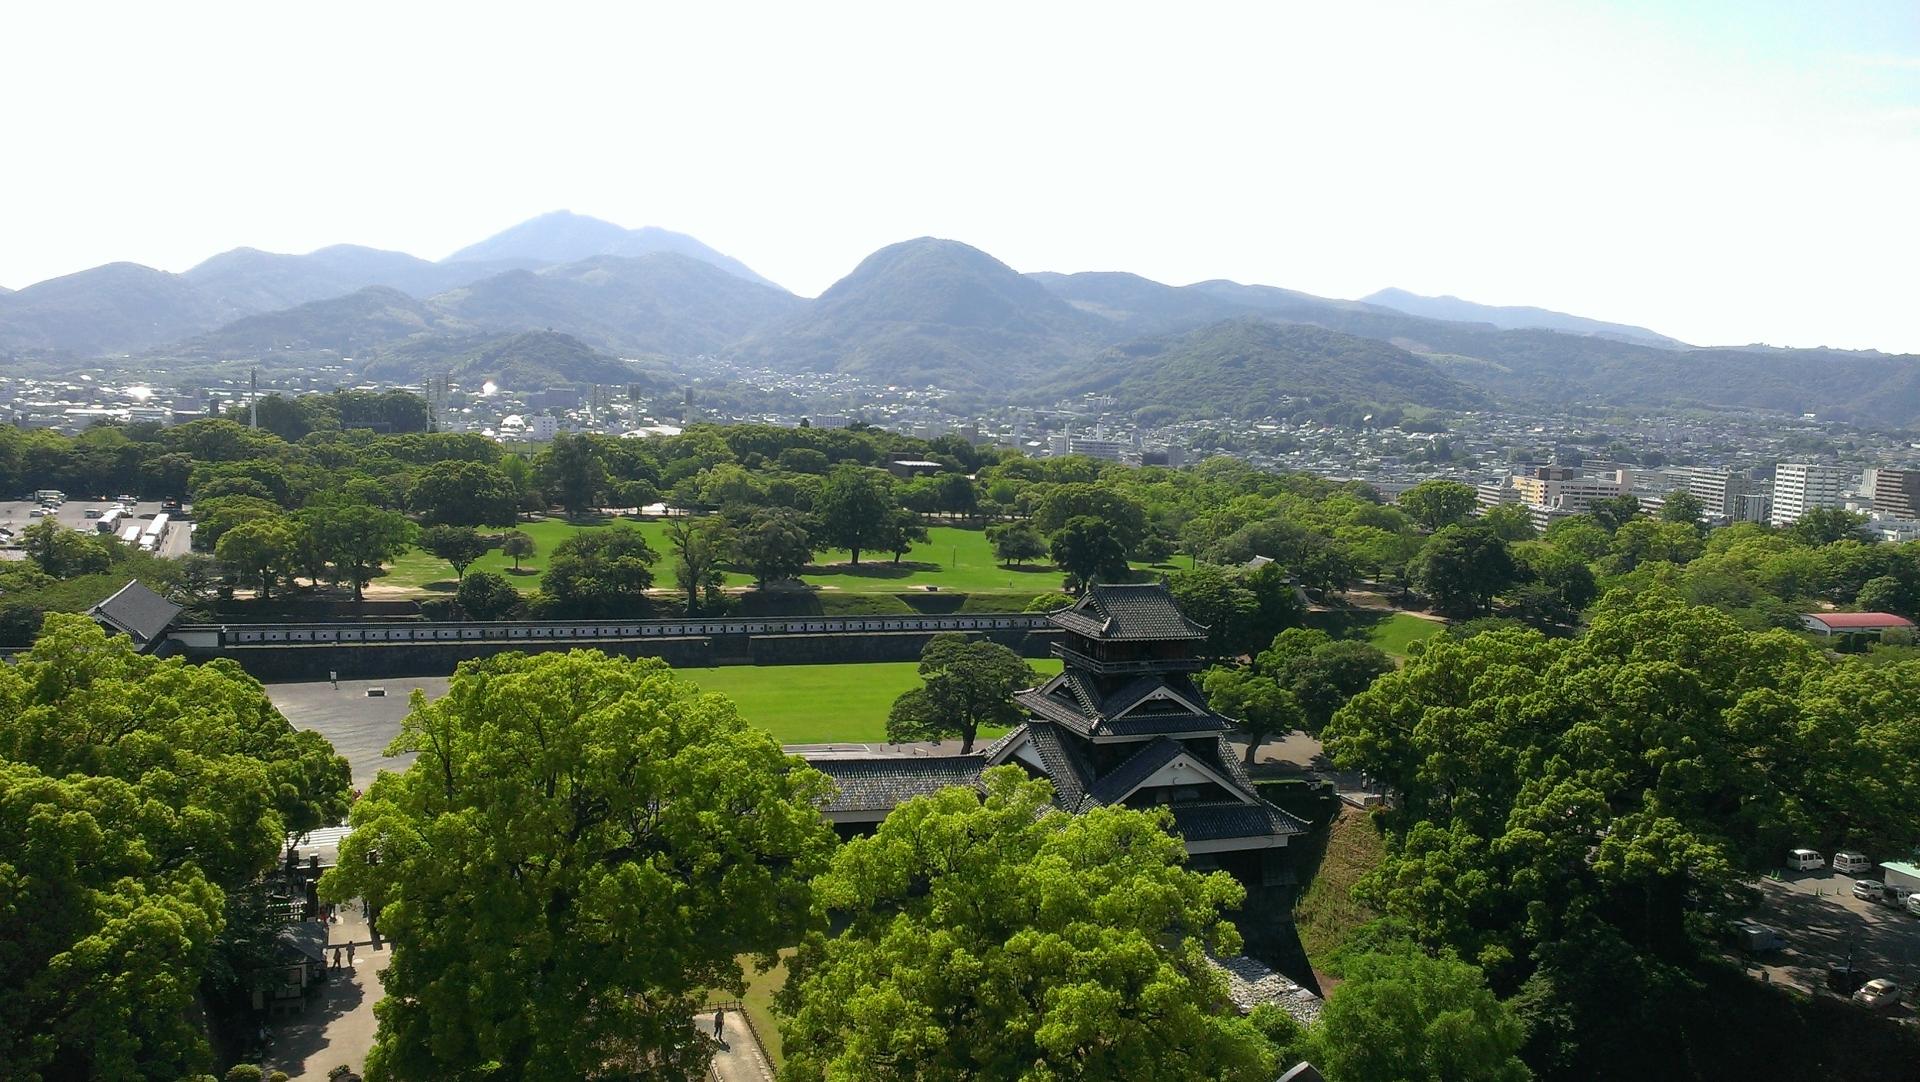 緑に囲まれた熊本城